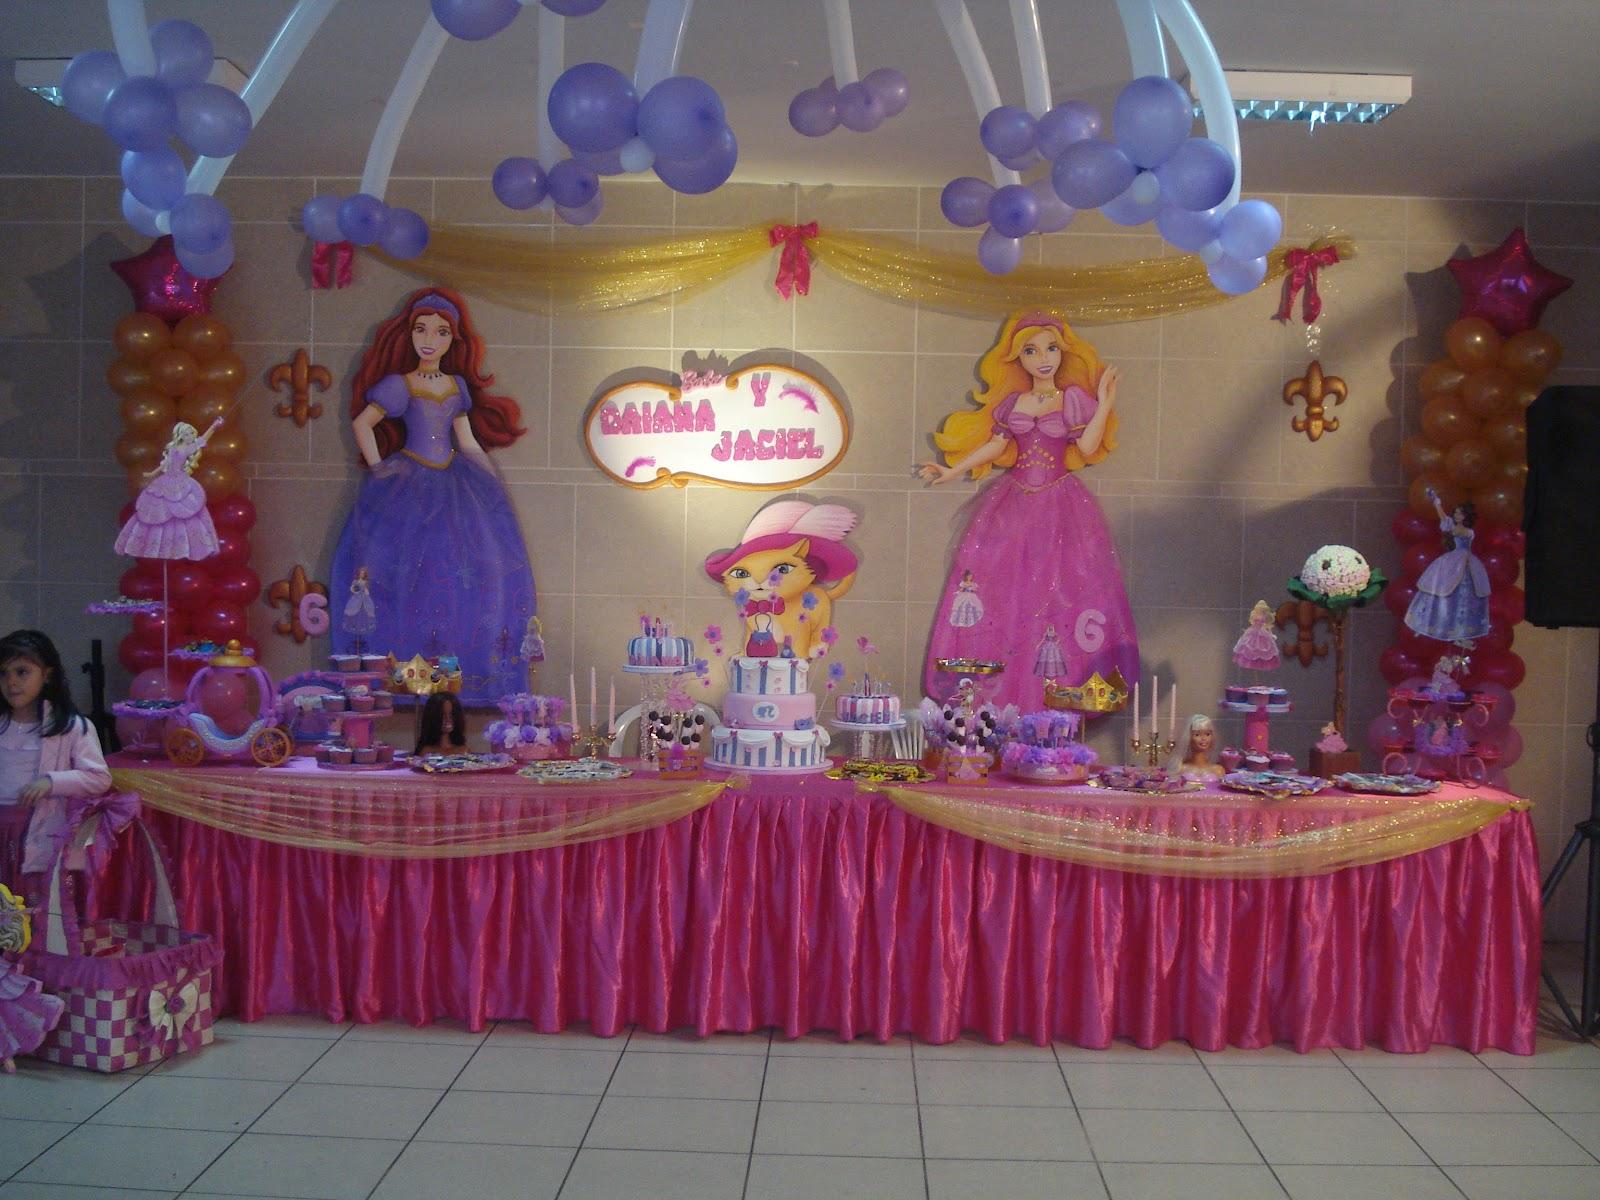 Pin decoraciones de barbies escuela princesas wallpapers real madrid on pinterest - Escuela decoracion madrid ...